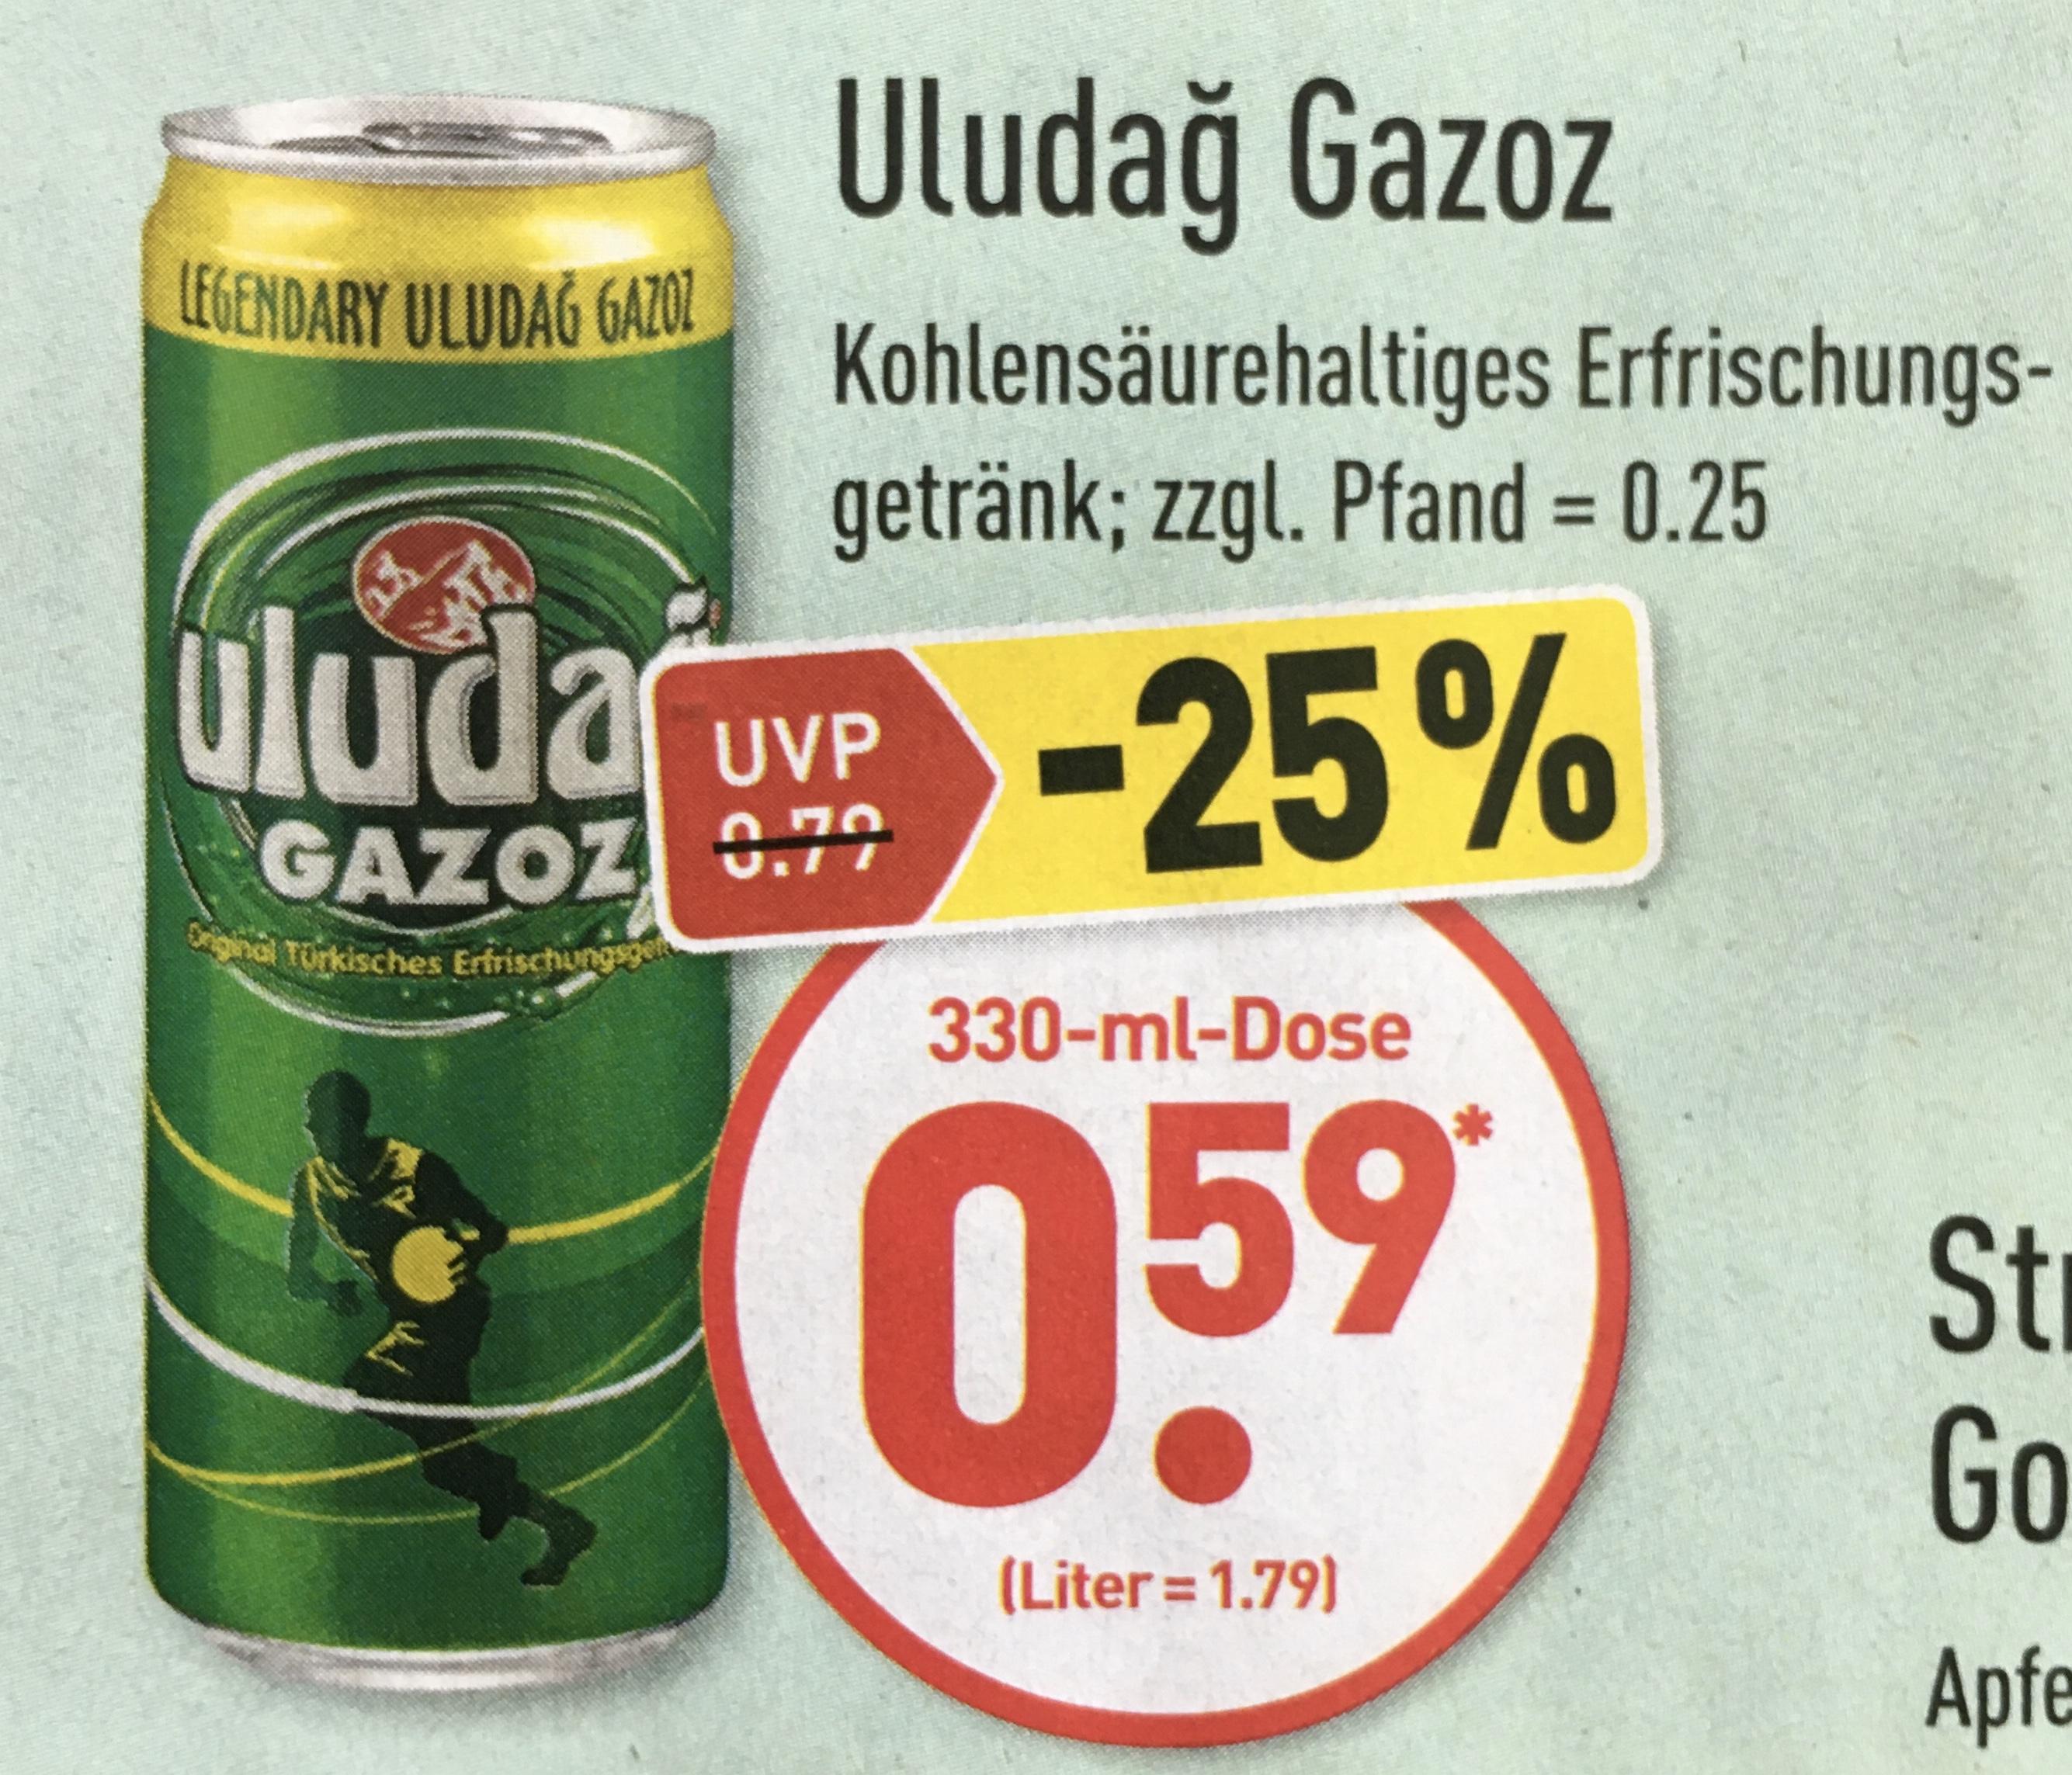 Uludağ Gazoz 0,33L für nur 0,59€ ab 05.06. [ALDI-NORD]